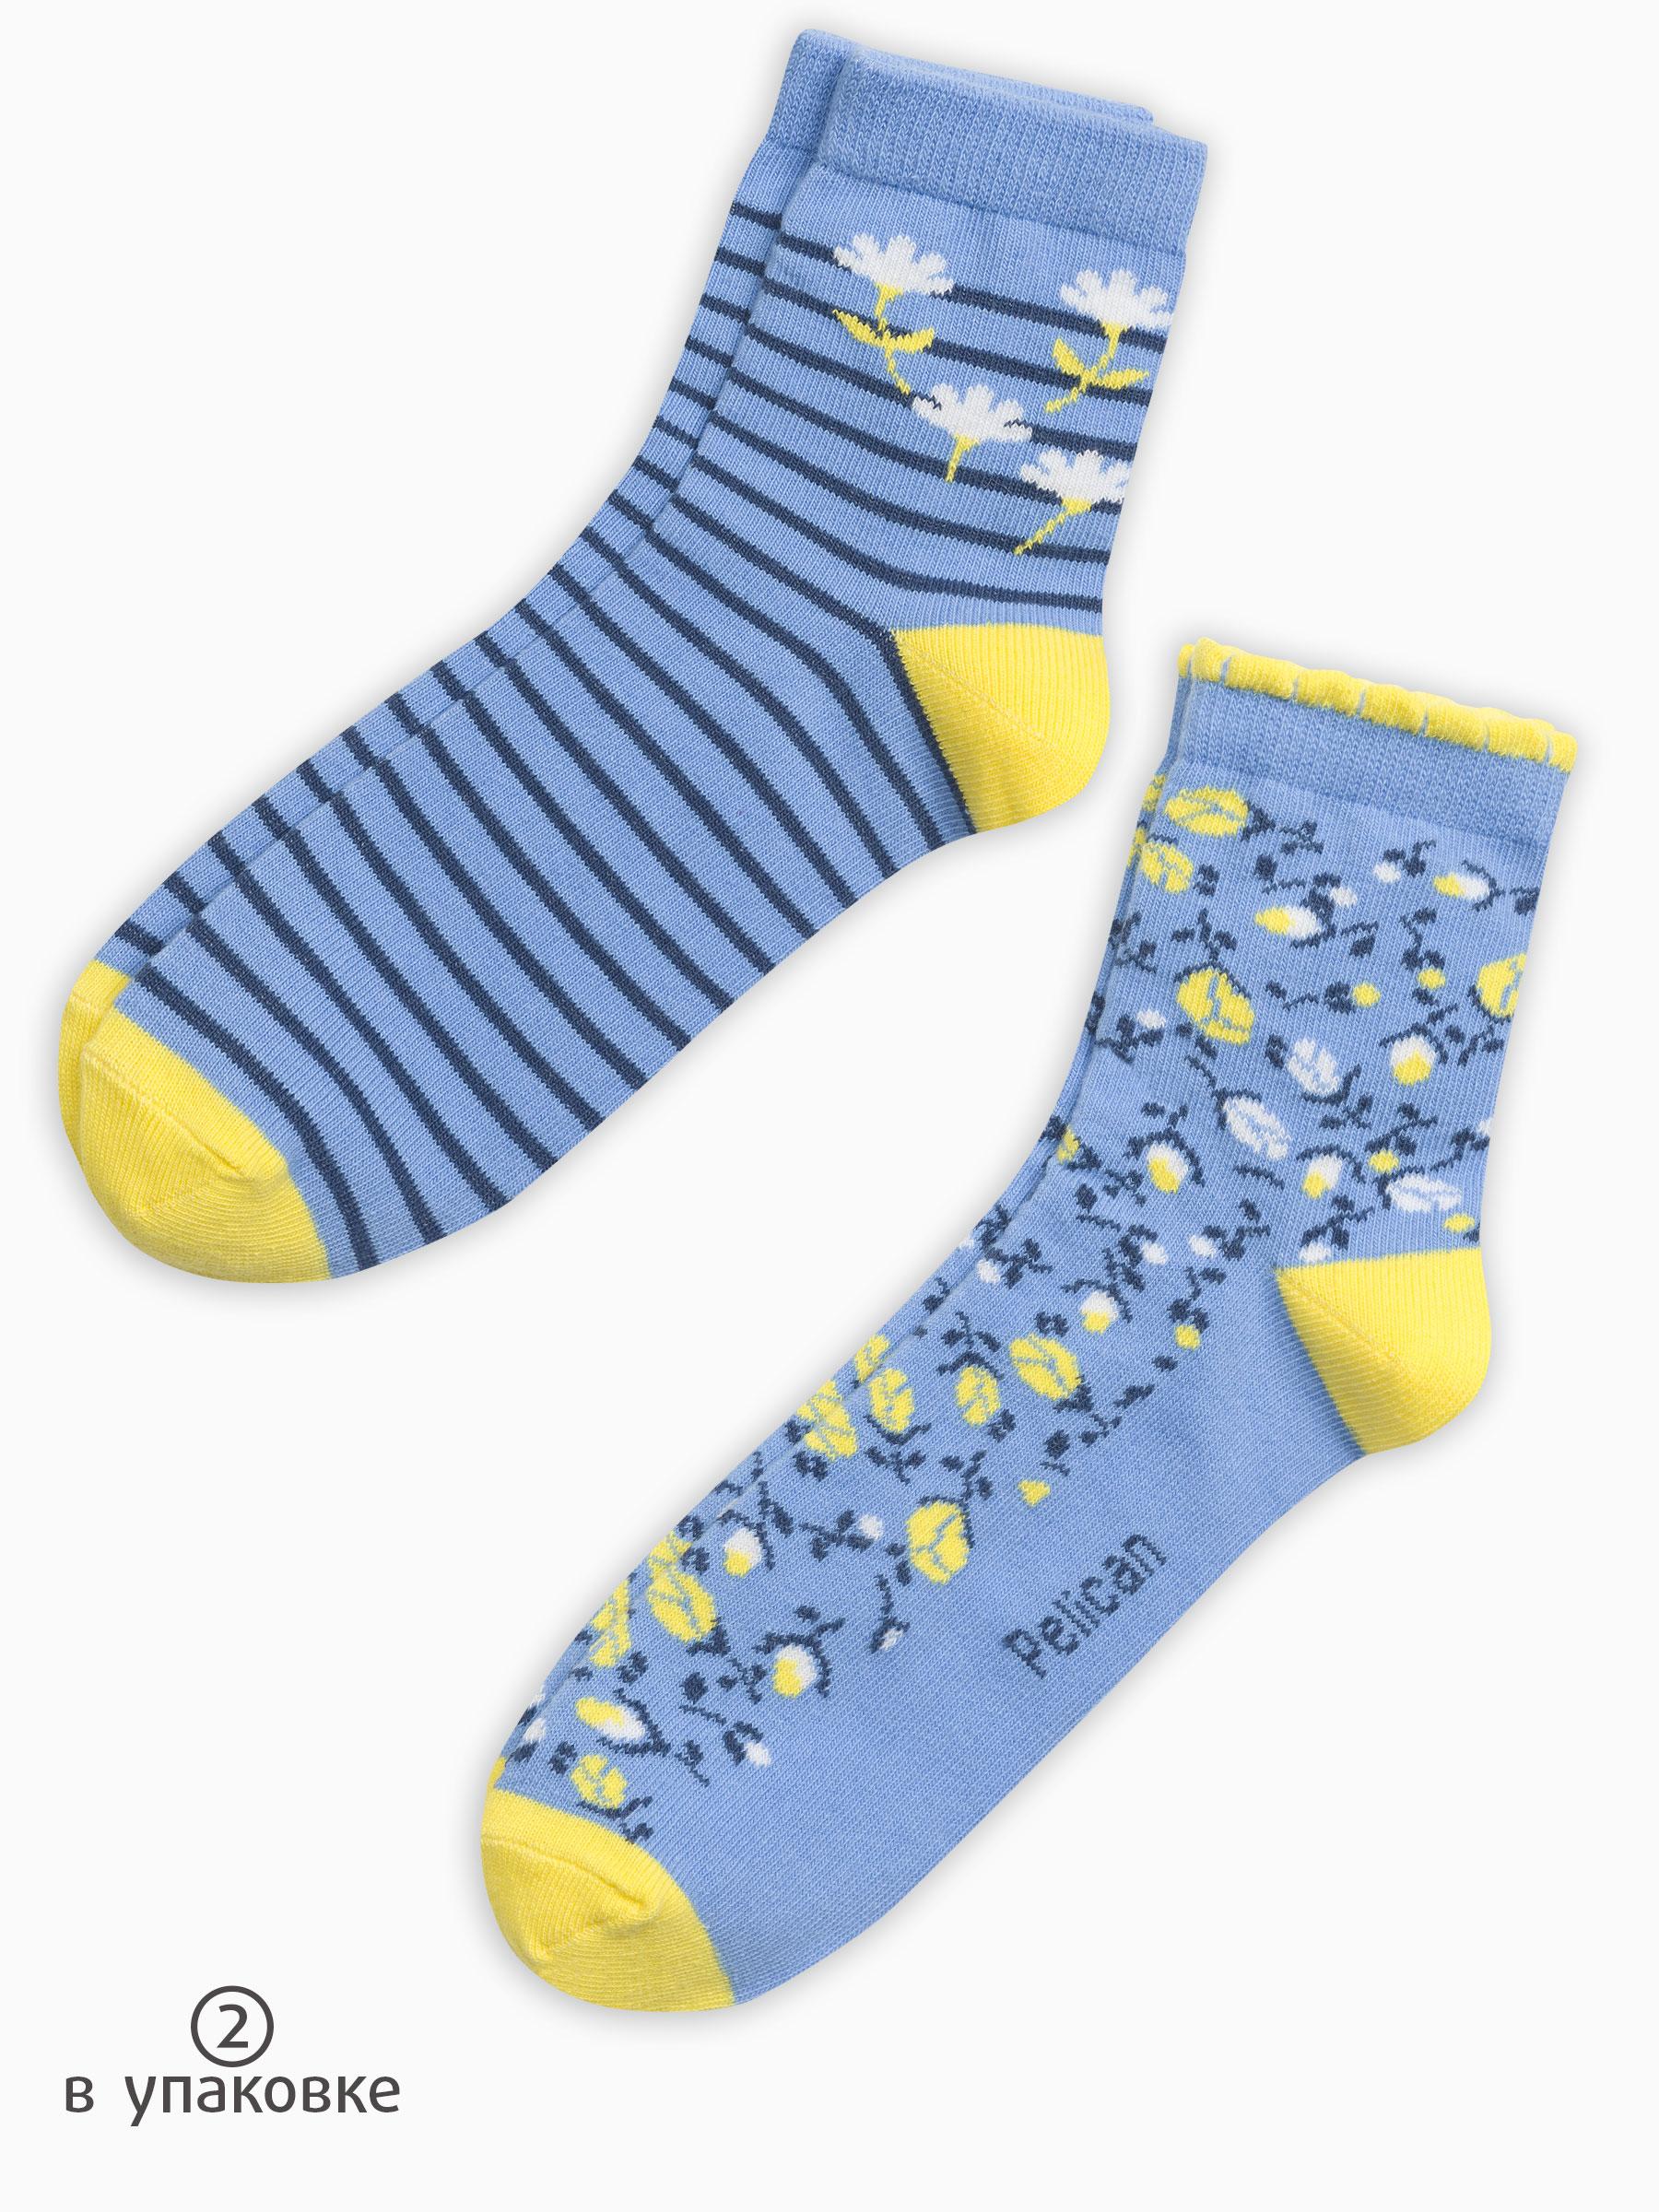 a4ba658e2f964 Pelican GEG3111(2), носки детские для девочек 2 пары цвета желтый ...